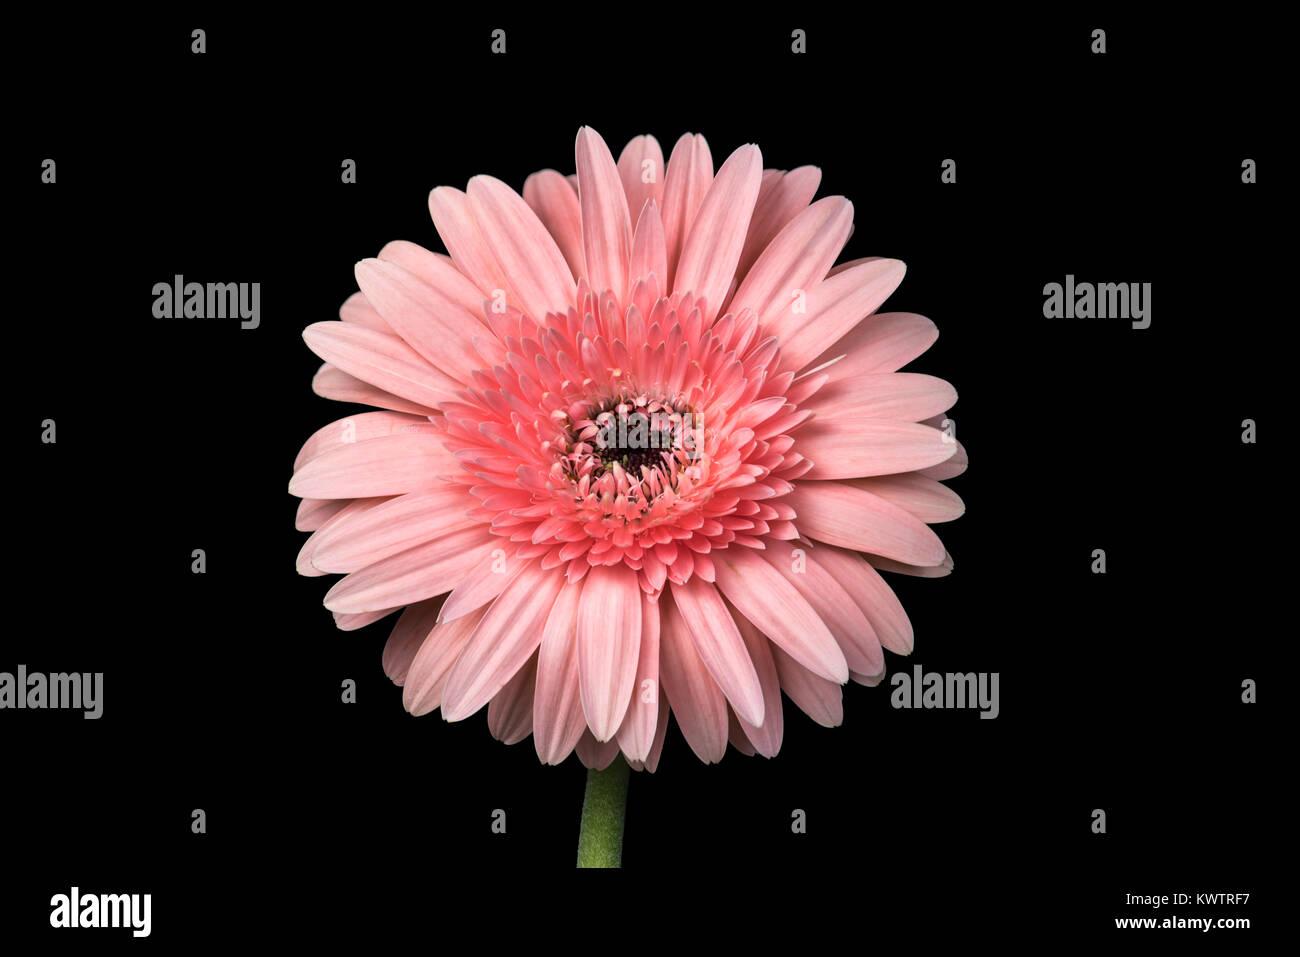 Closeup shot using focus stacking of a pink chrysanthemum on black background - Stock Image